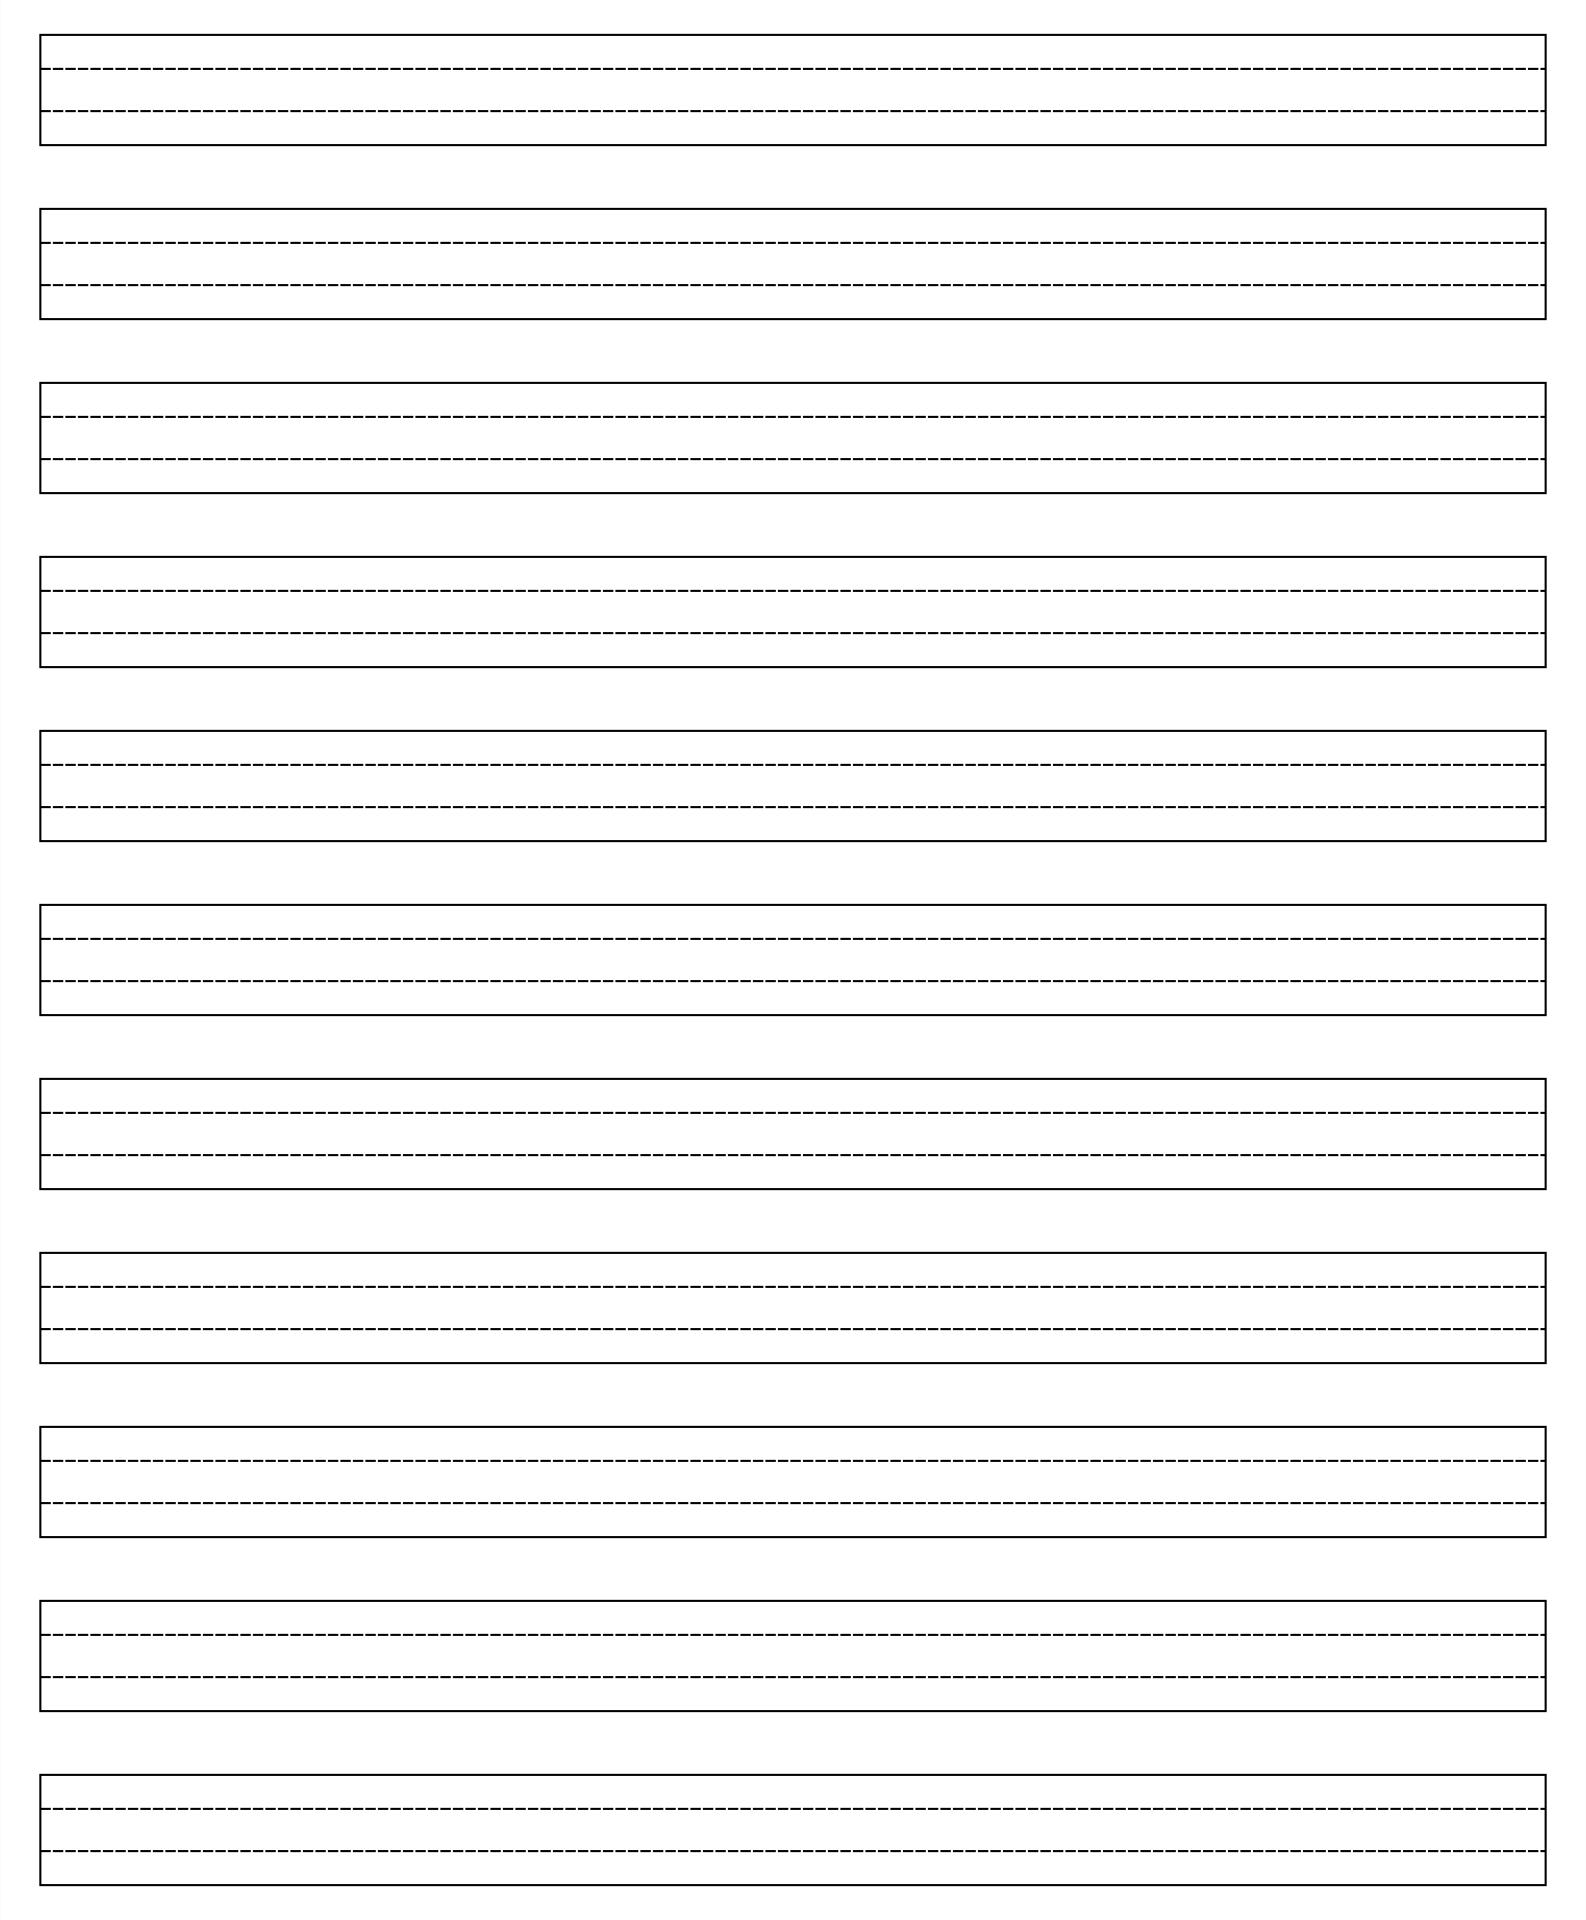 Printable 4 Line Page For English Writing Pdf